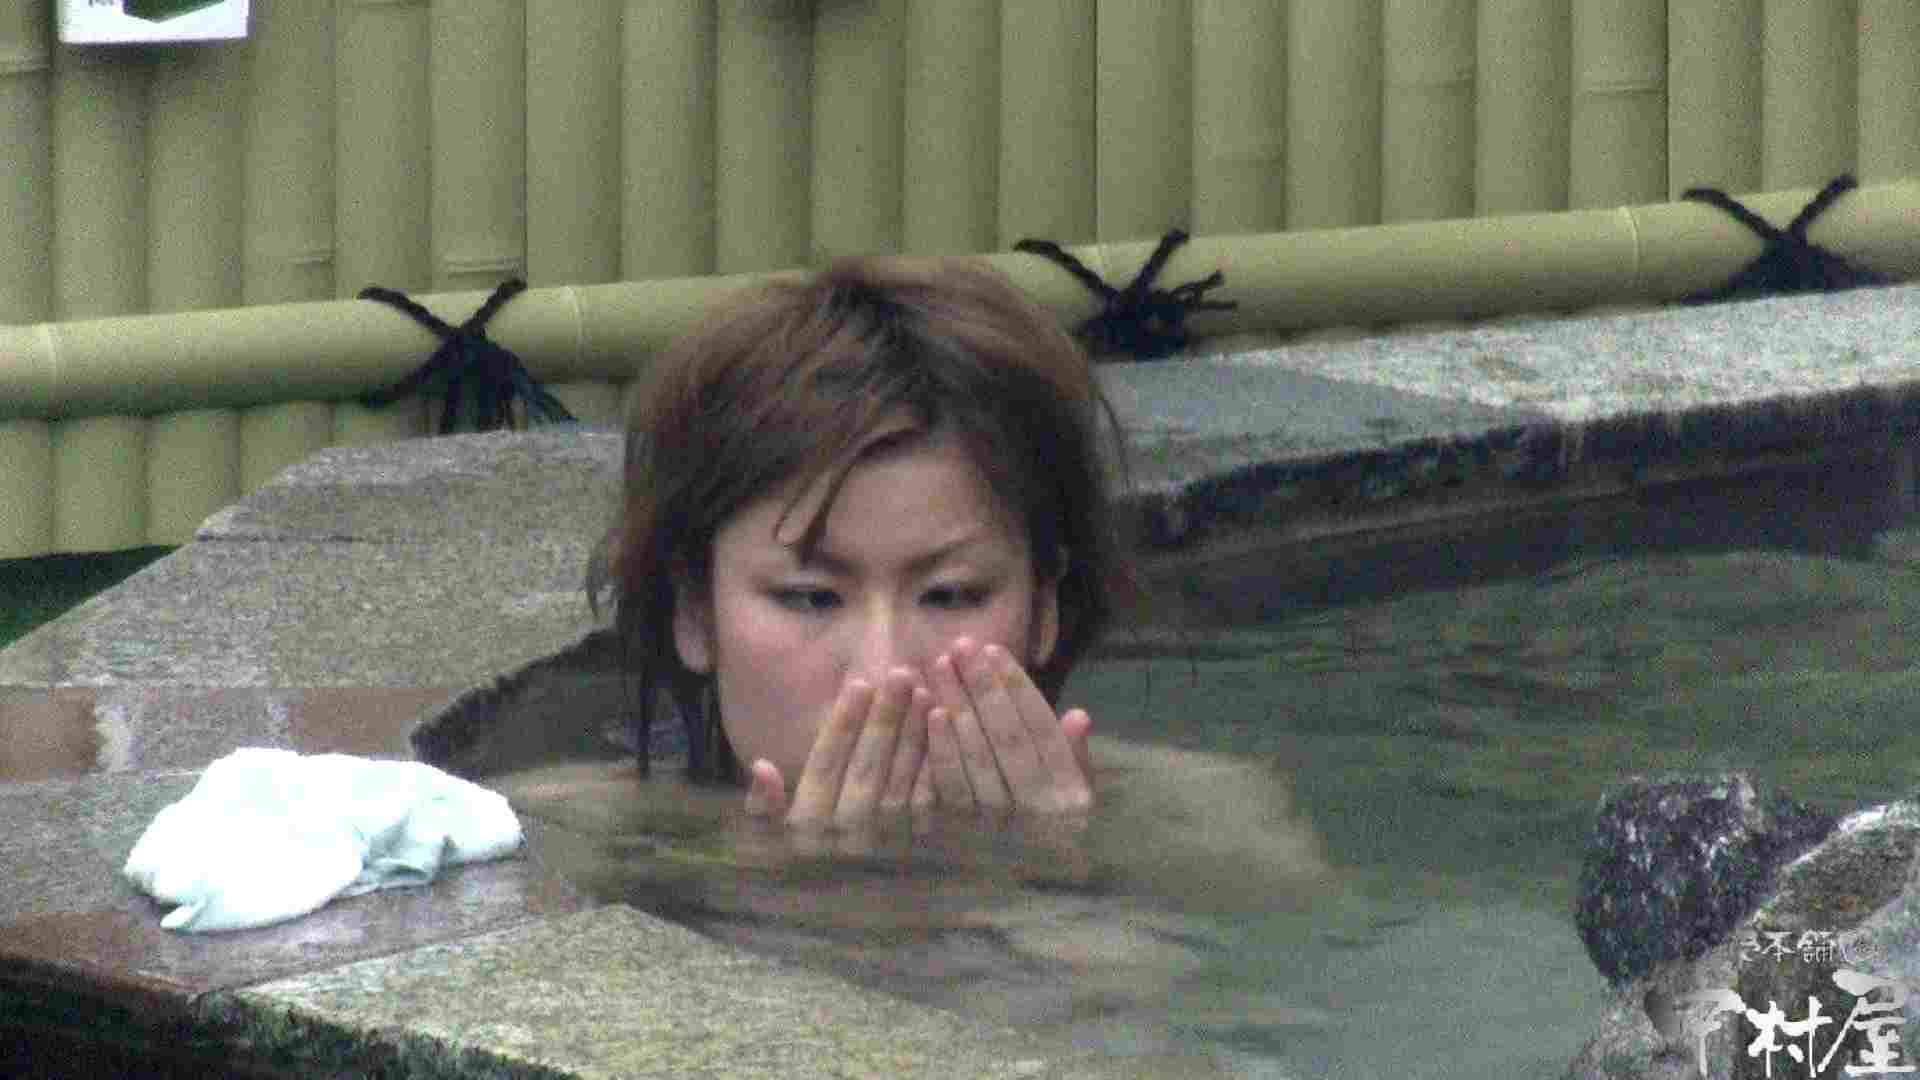 Aquaな露天風呂Vol.918 盗撮師作品 | 美しいOLの裸体  75pic 55